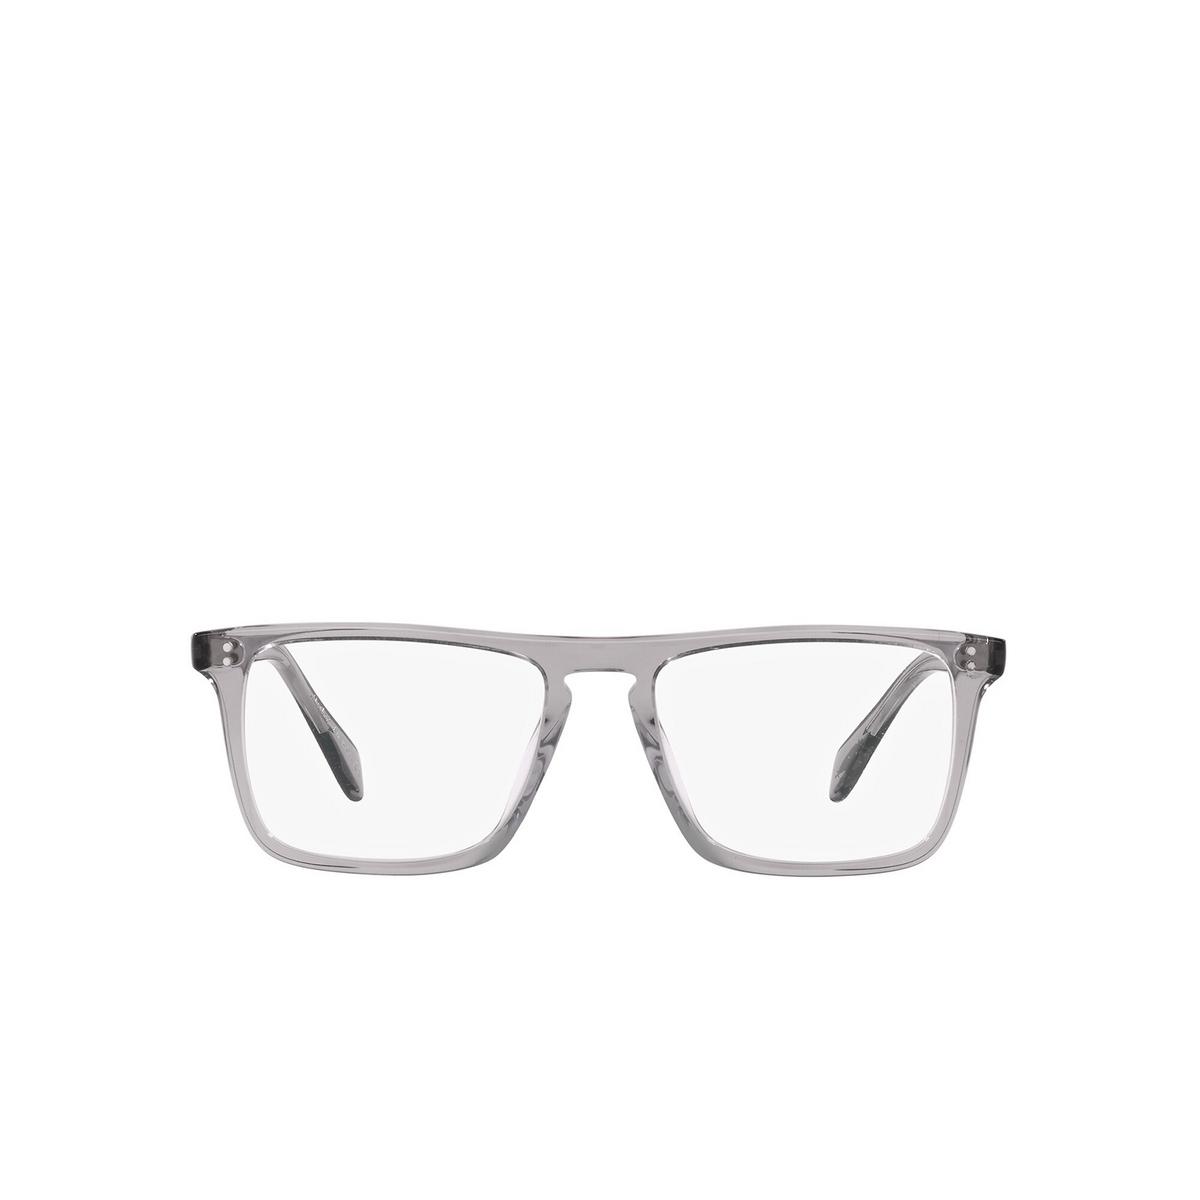 Oliver Peoples® Square Eyeglasses: Bernardo-r OV5189U color Workman Grey 1132 - front view.